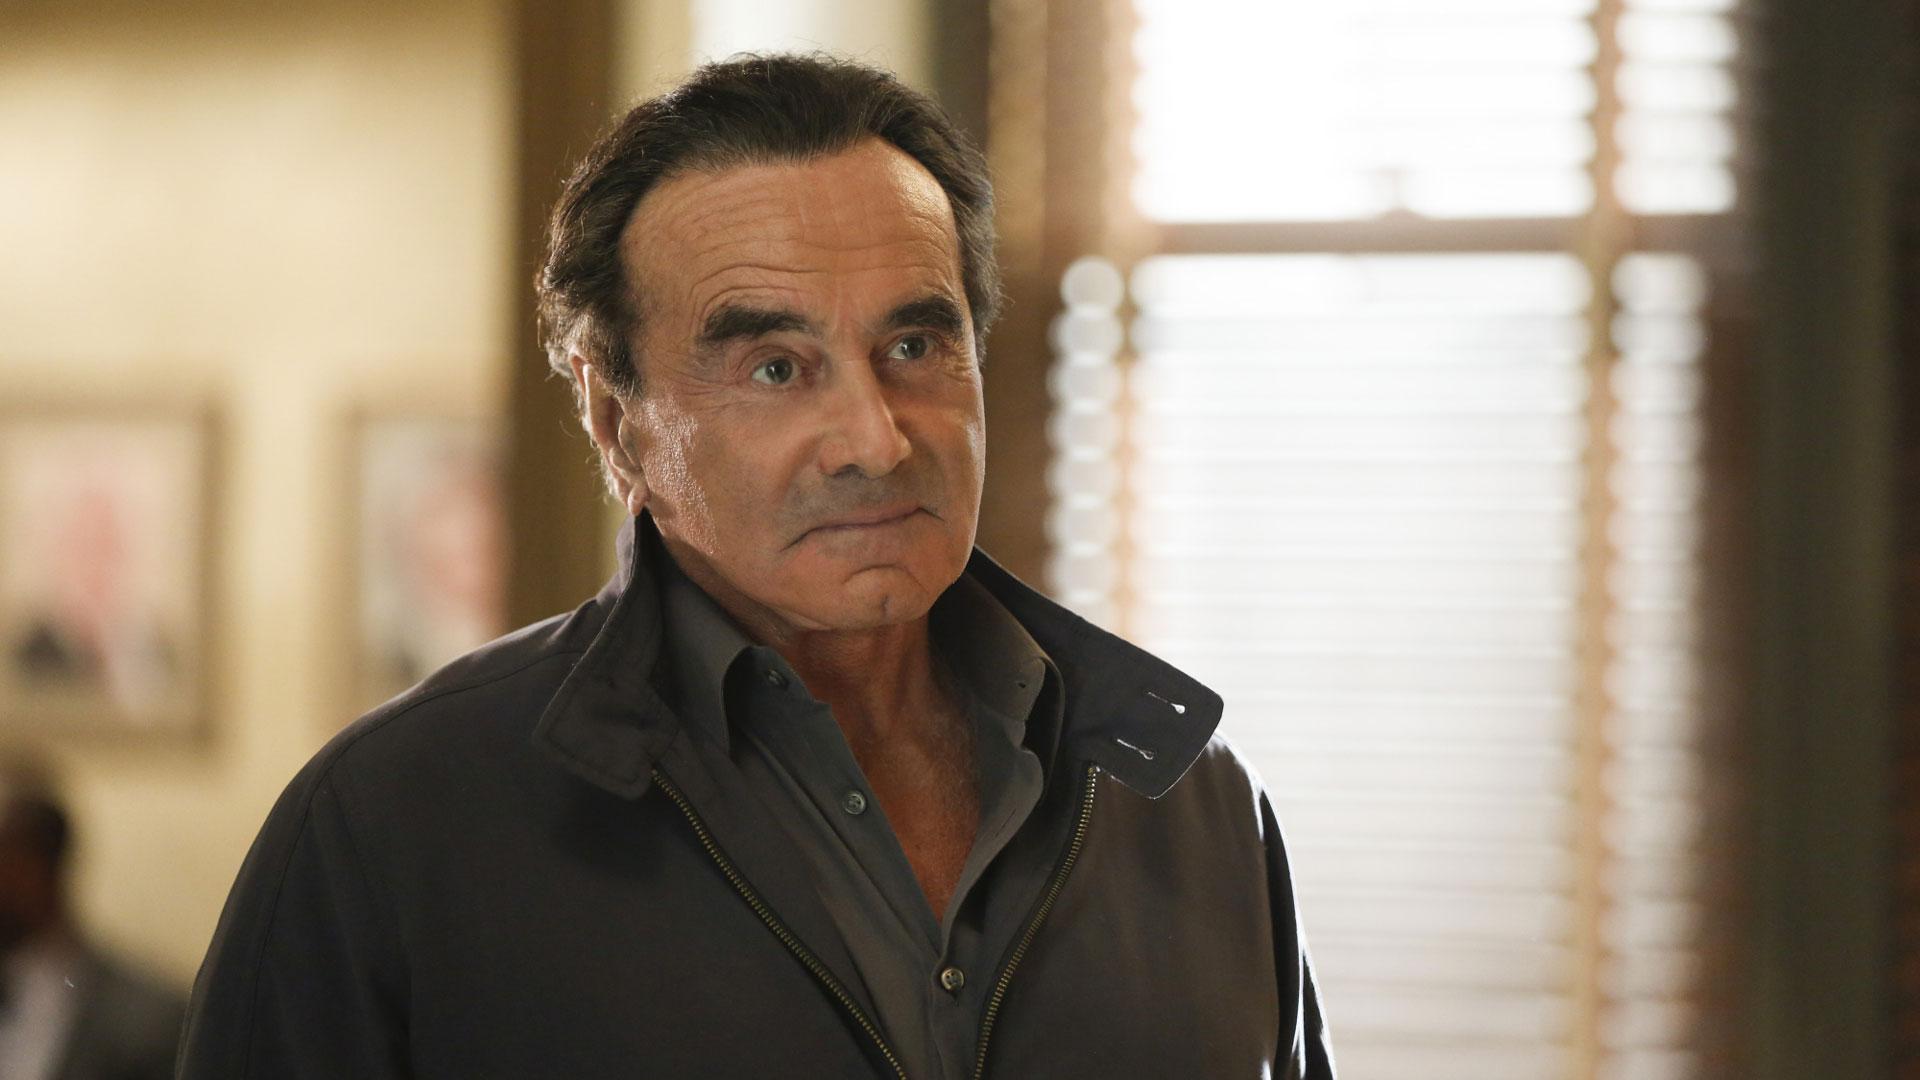 Dan Hedaya as Vincent Rella